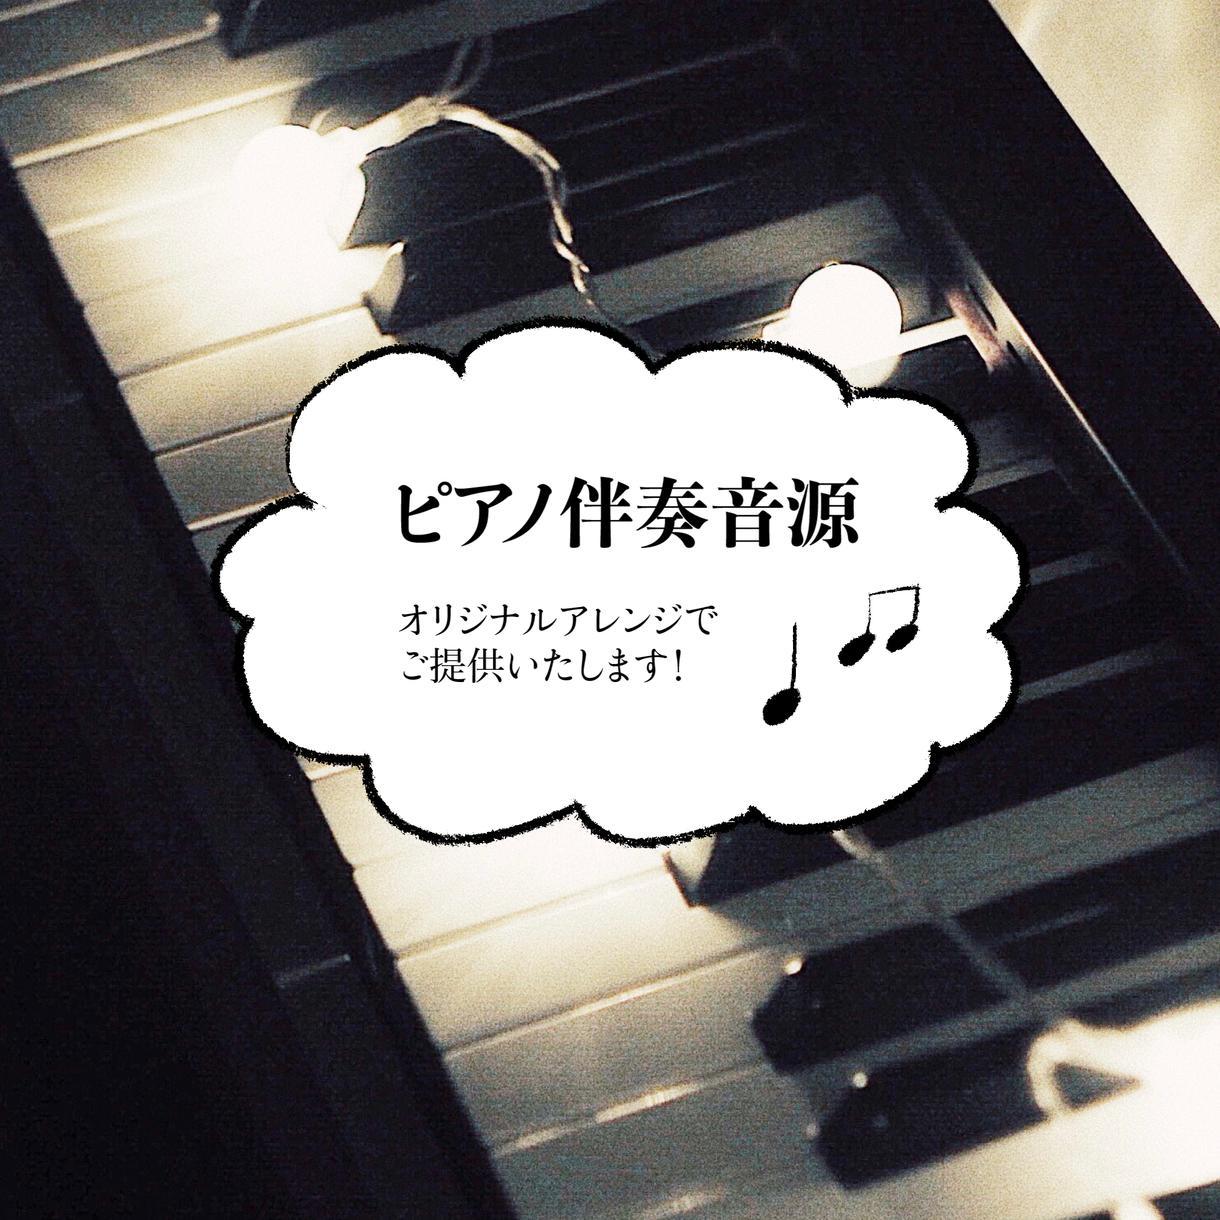 ピアノのオリジナルアレンジ音源を製作いたします 歌や演奏にプラスしたり、アレンジを楽しんだり☺︎ イメージ1